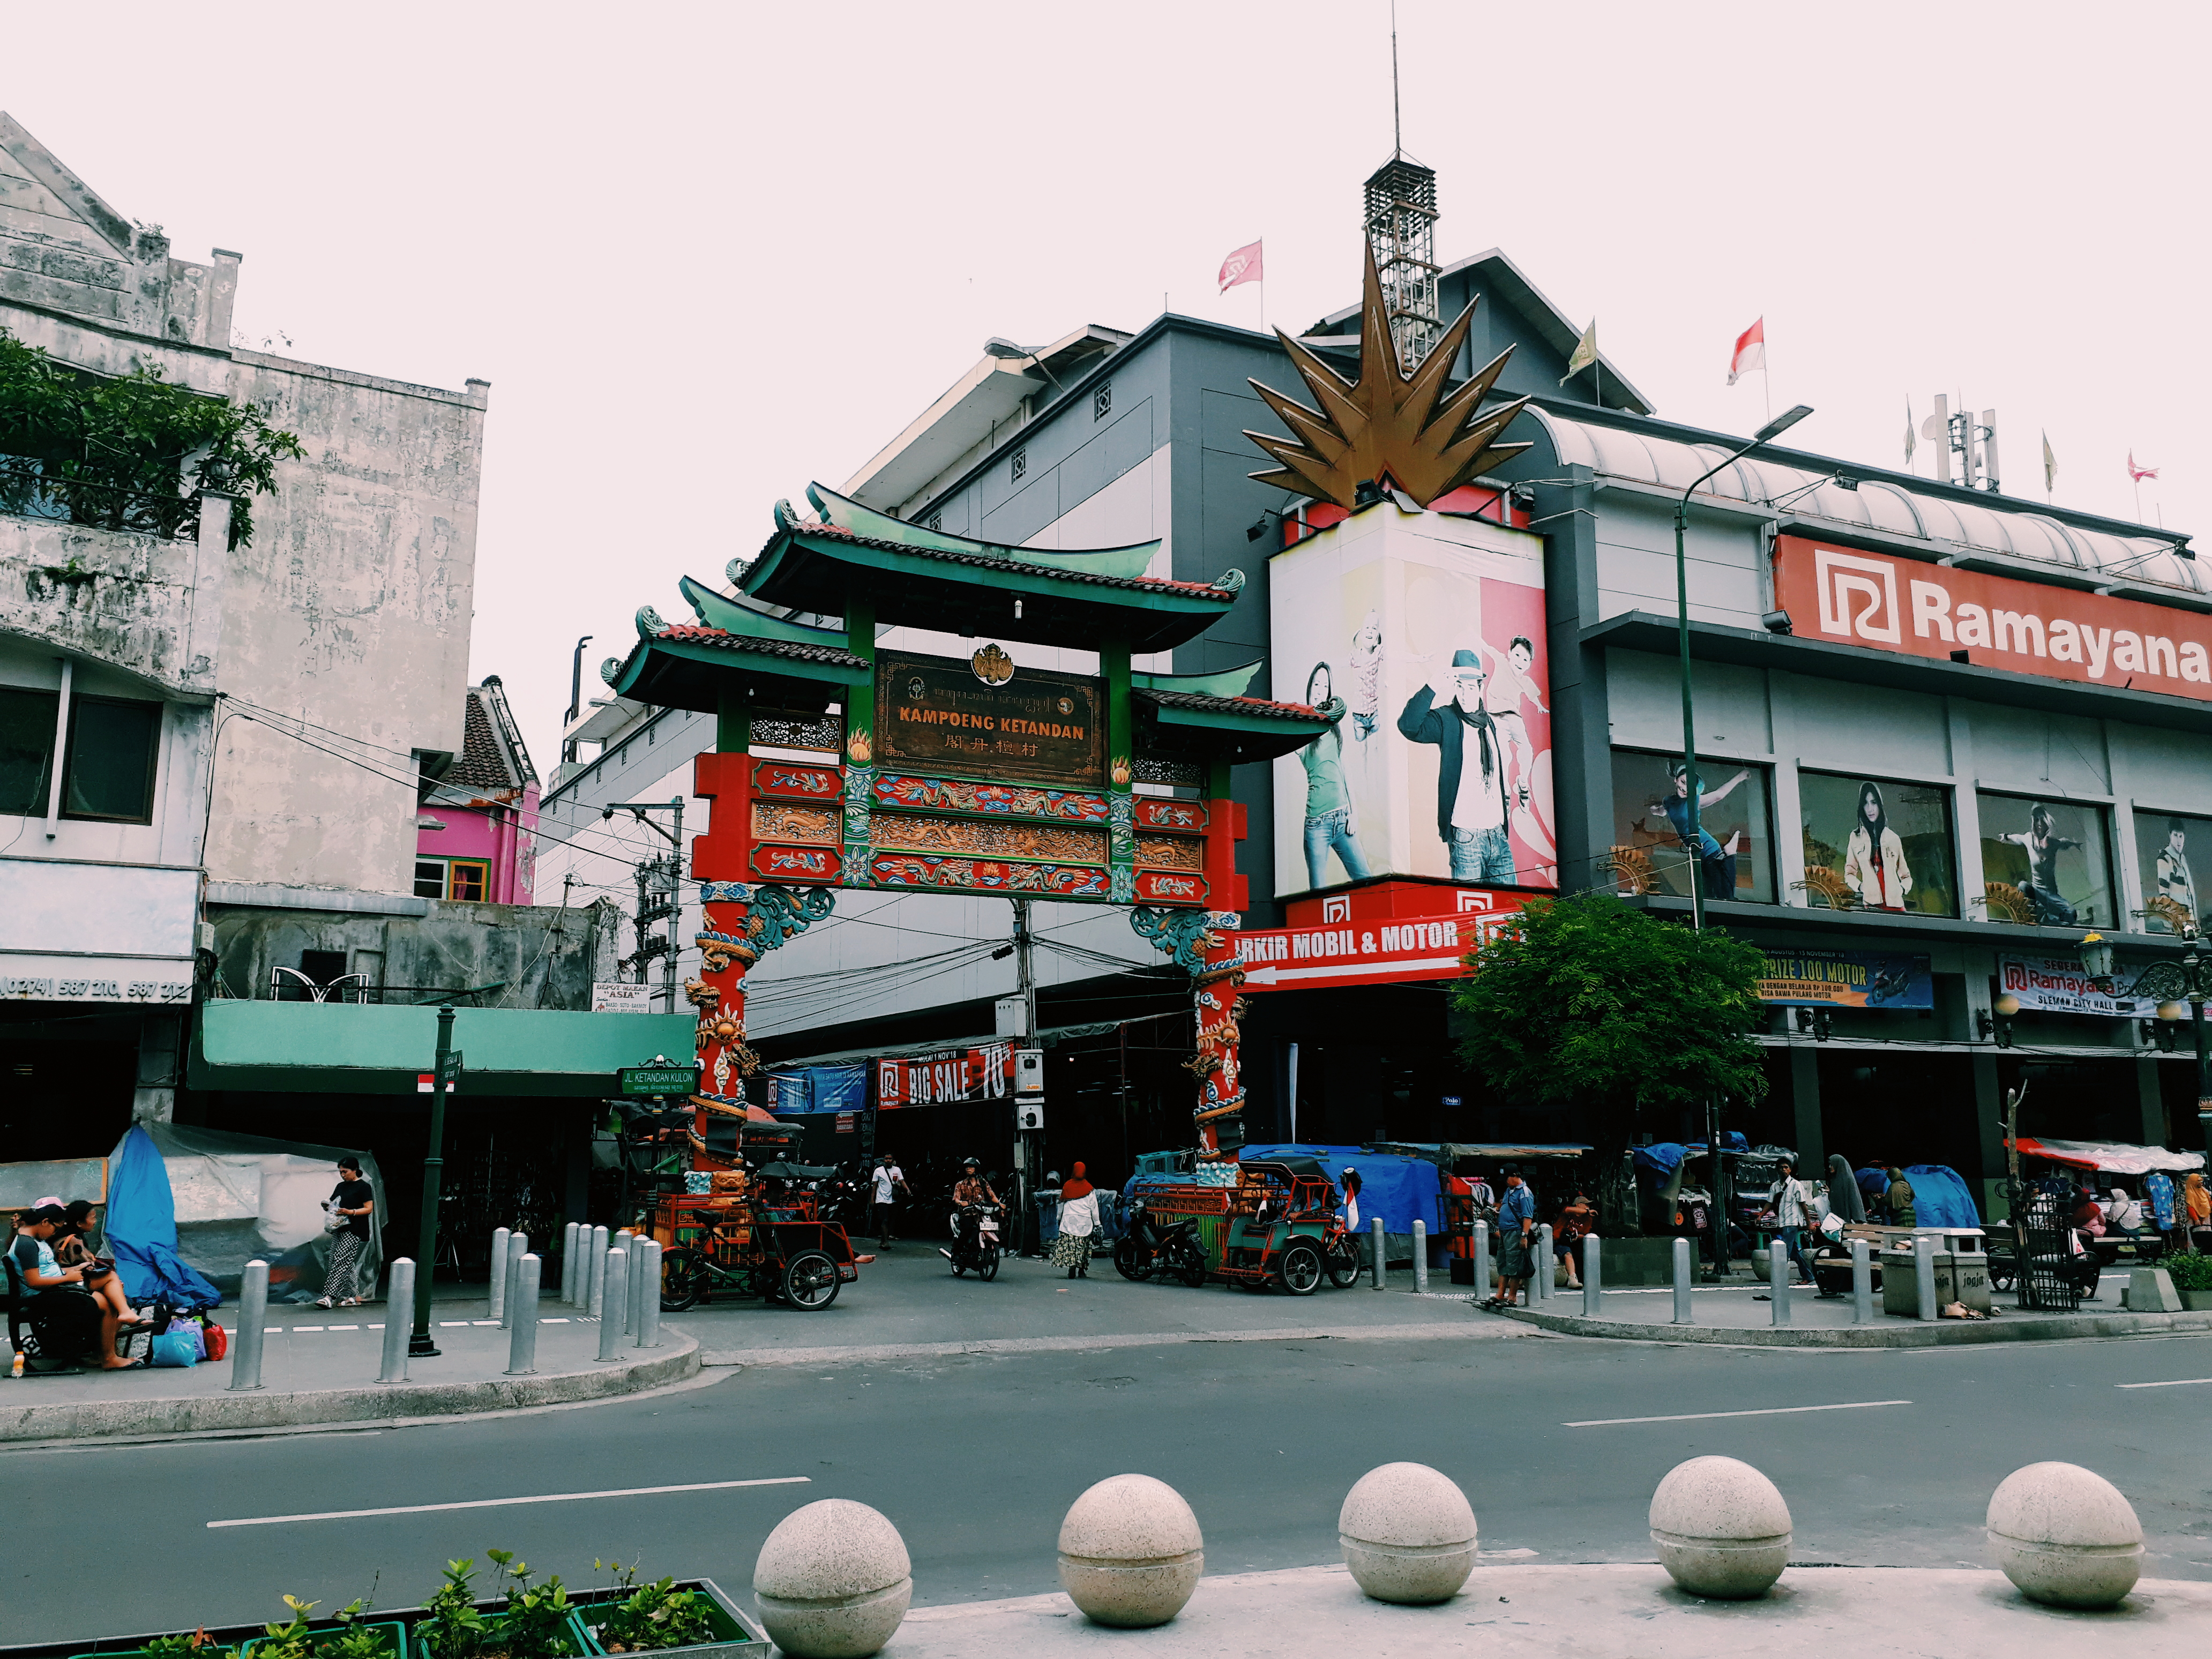 The Gate of Kampung Ketandan Chinatown, Yogyakarta, Indonesia, 2018.jpg